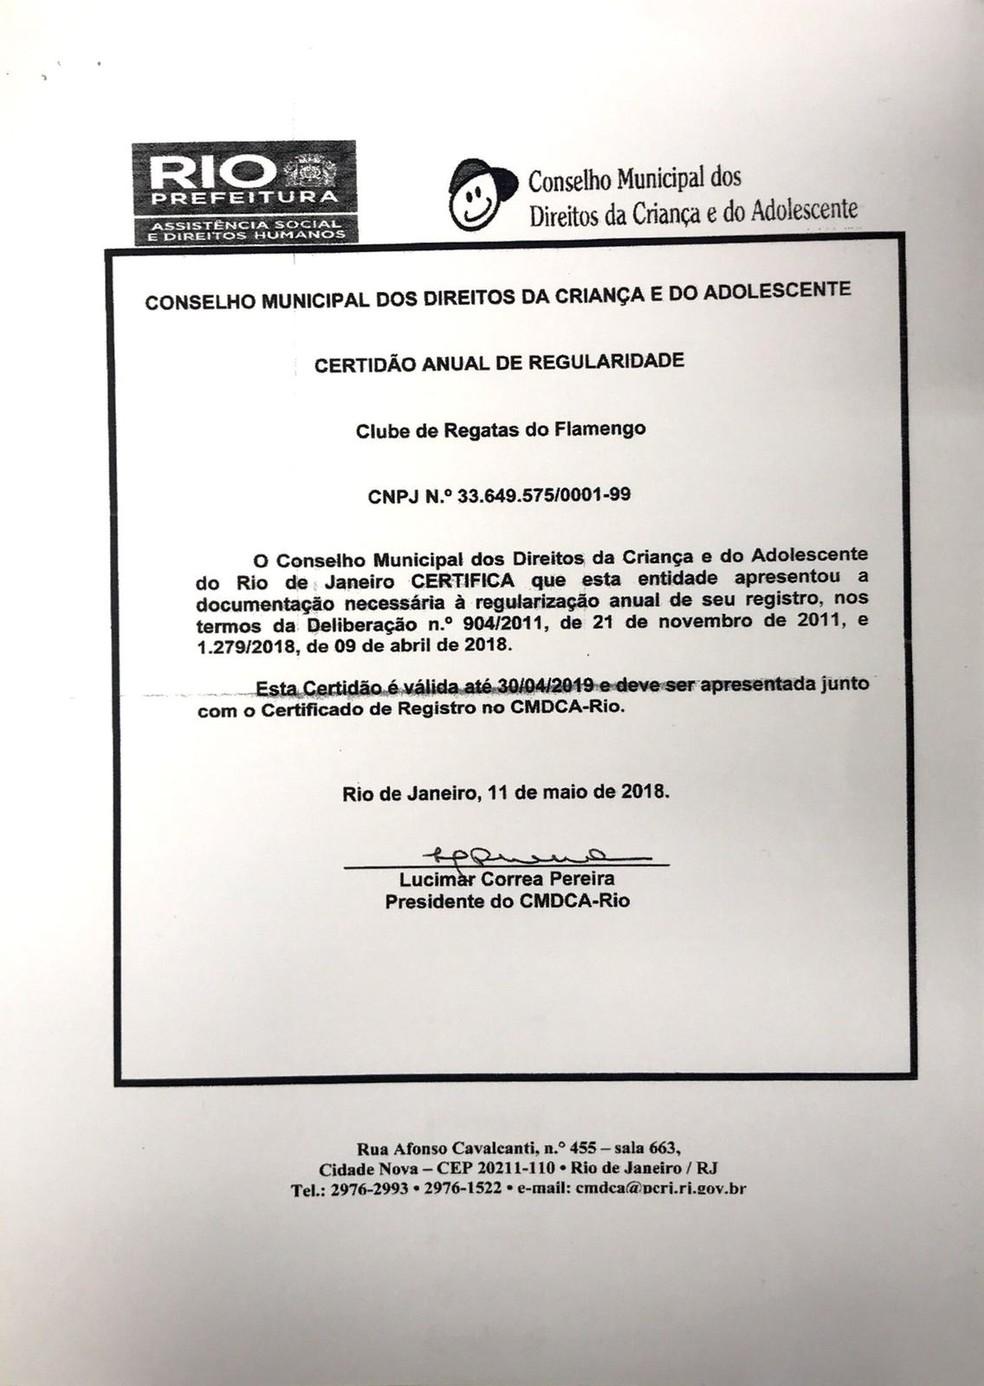 Registro Conselho Municipal dos Direitos da Criança e do Adolescente, Flamengo — Foto: Divulgação / Flamengo